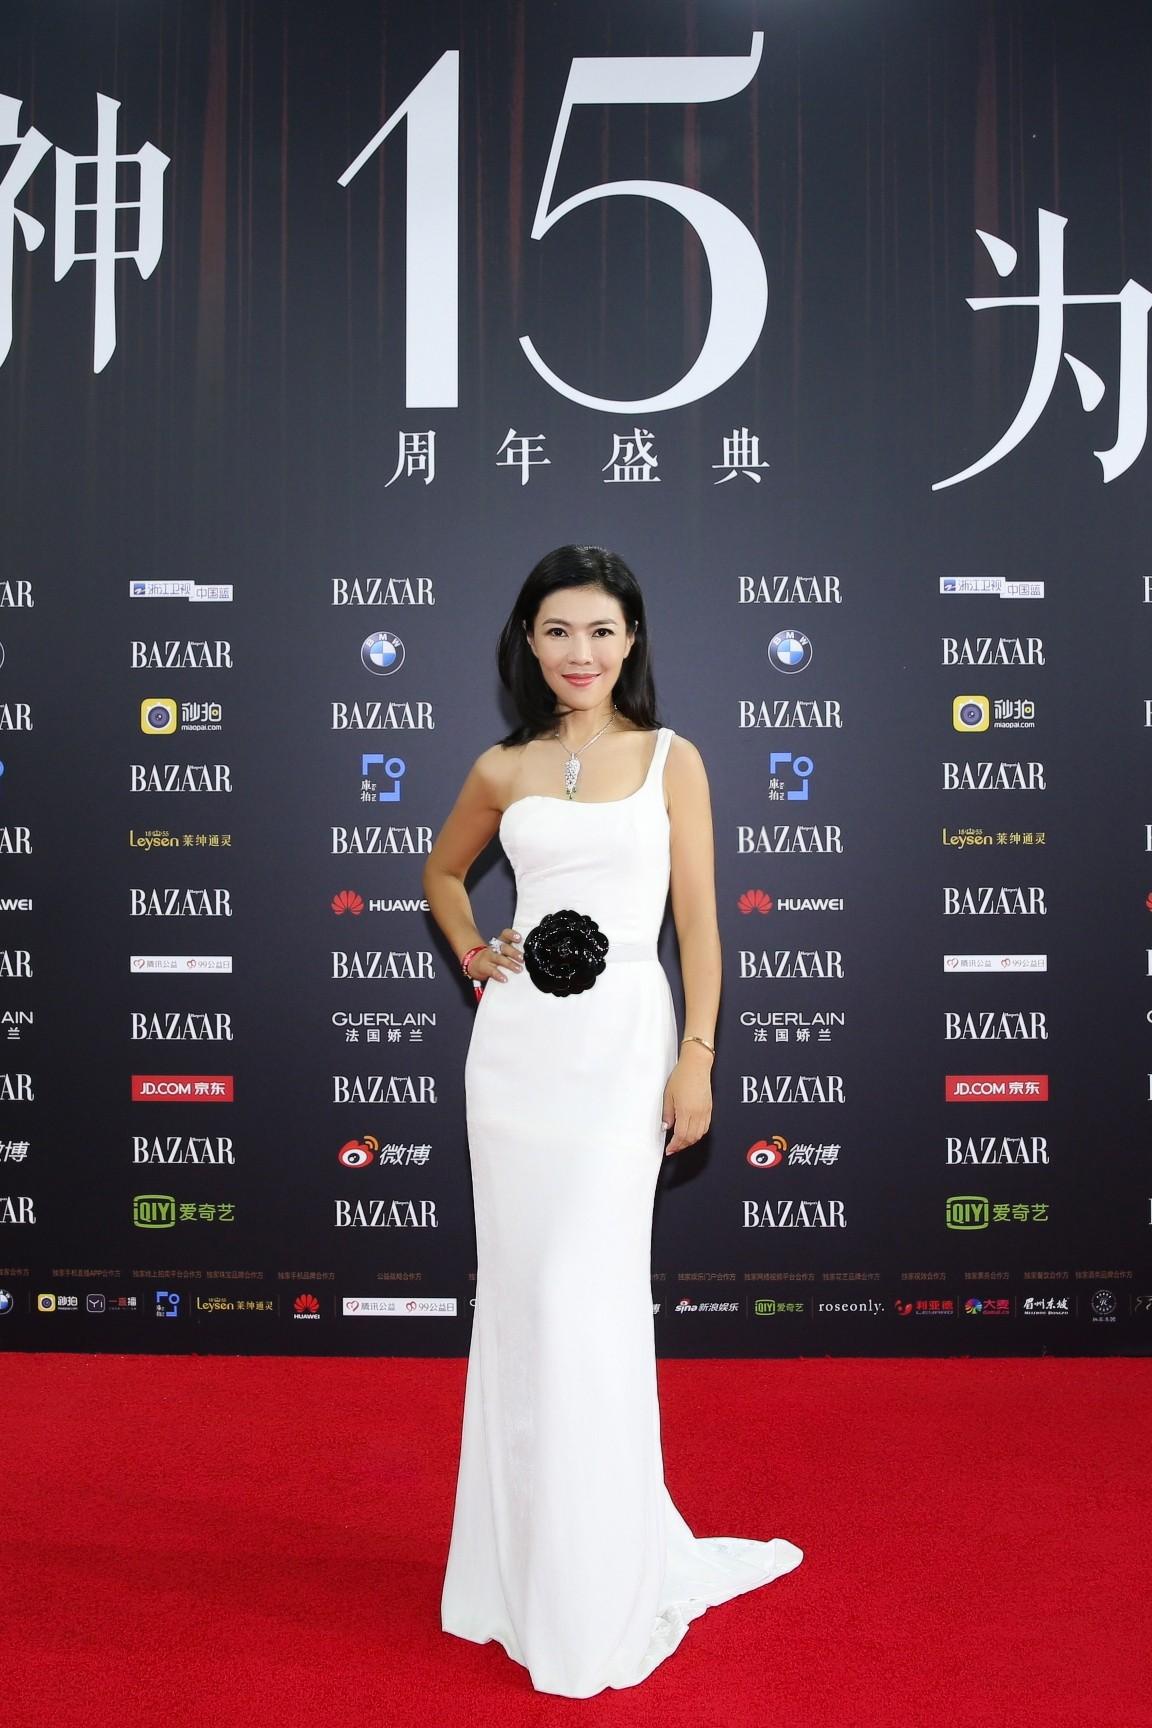 Cbiz choáng vì lá đơn từ chức của người phụ nữ quyền lực khiến Song Joong Ki, Phạm Băng Băng phải kiêng nể - Ảnh 4.